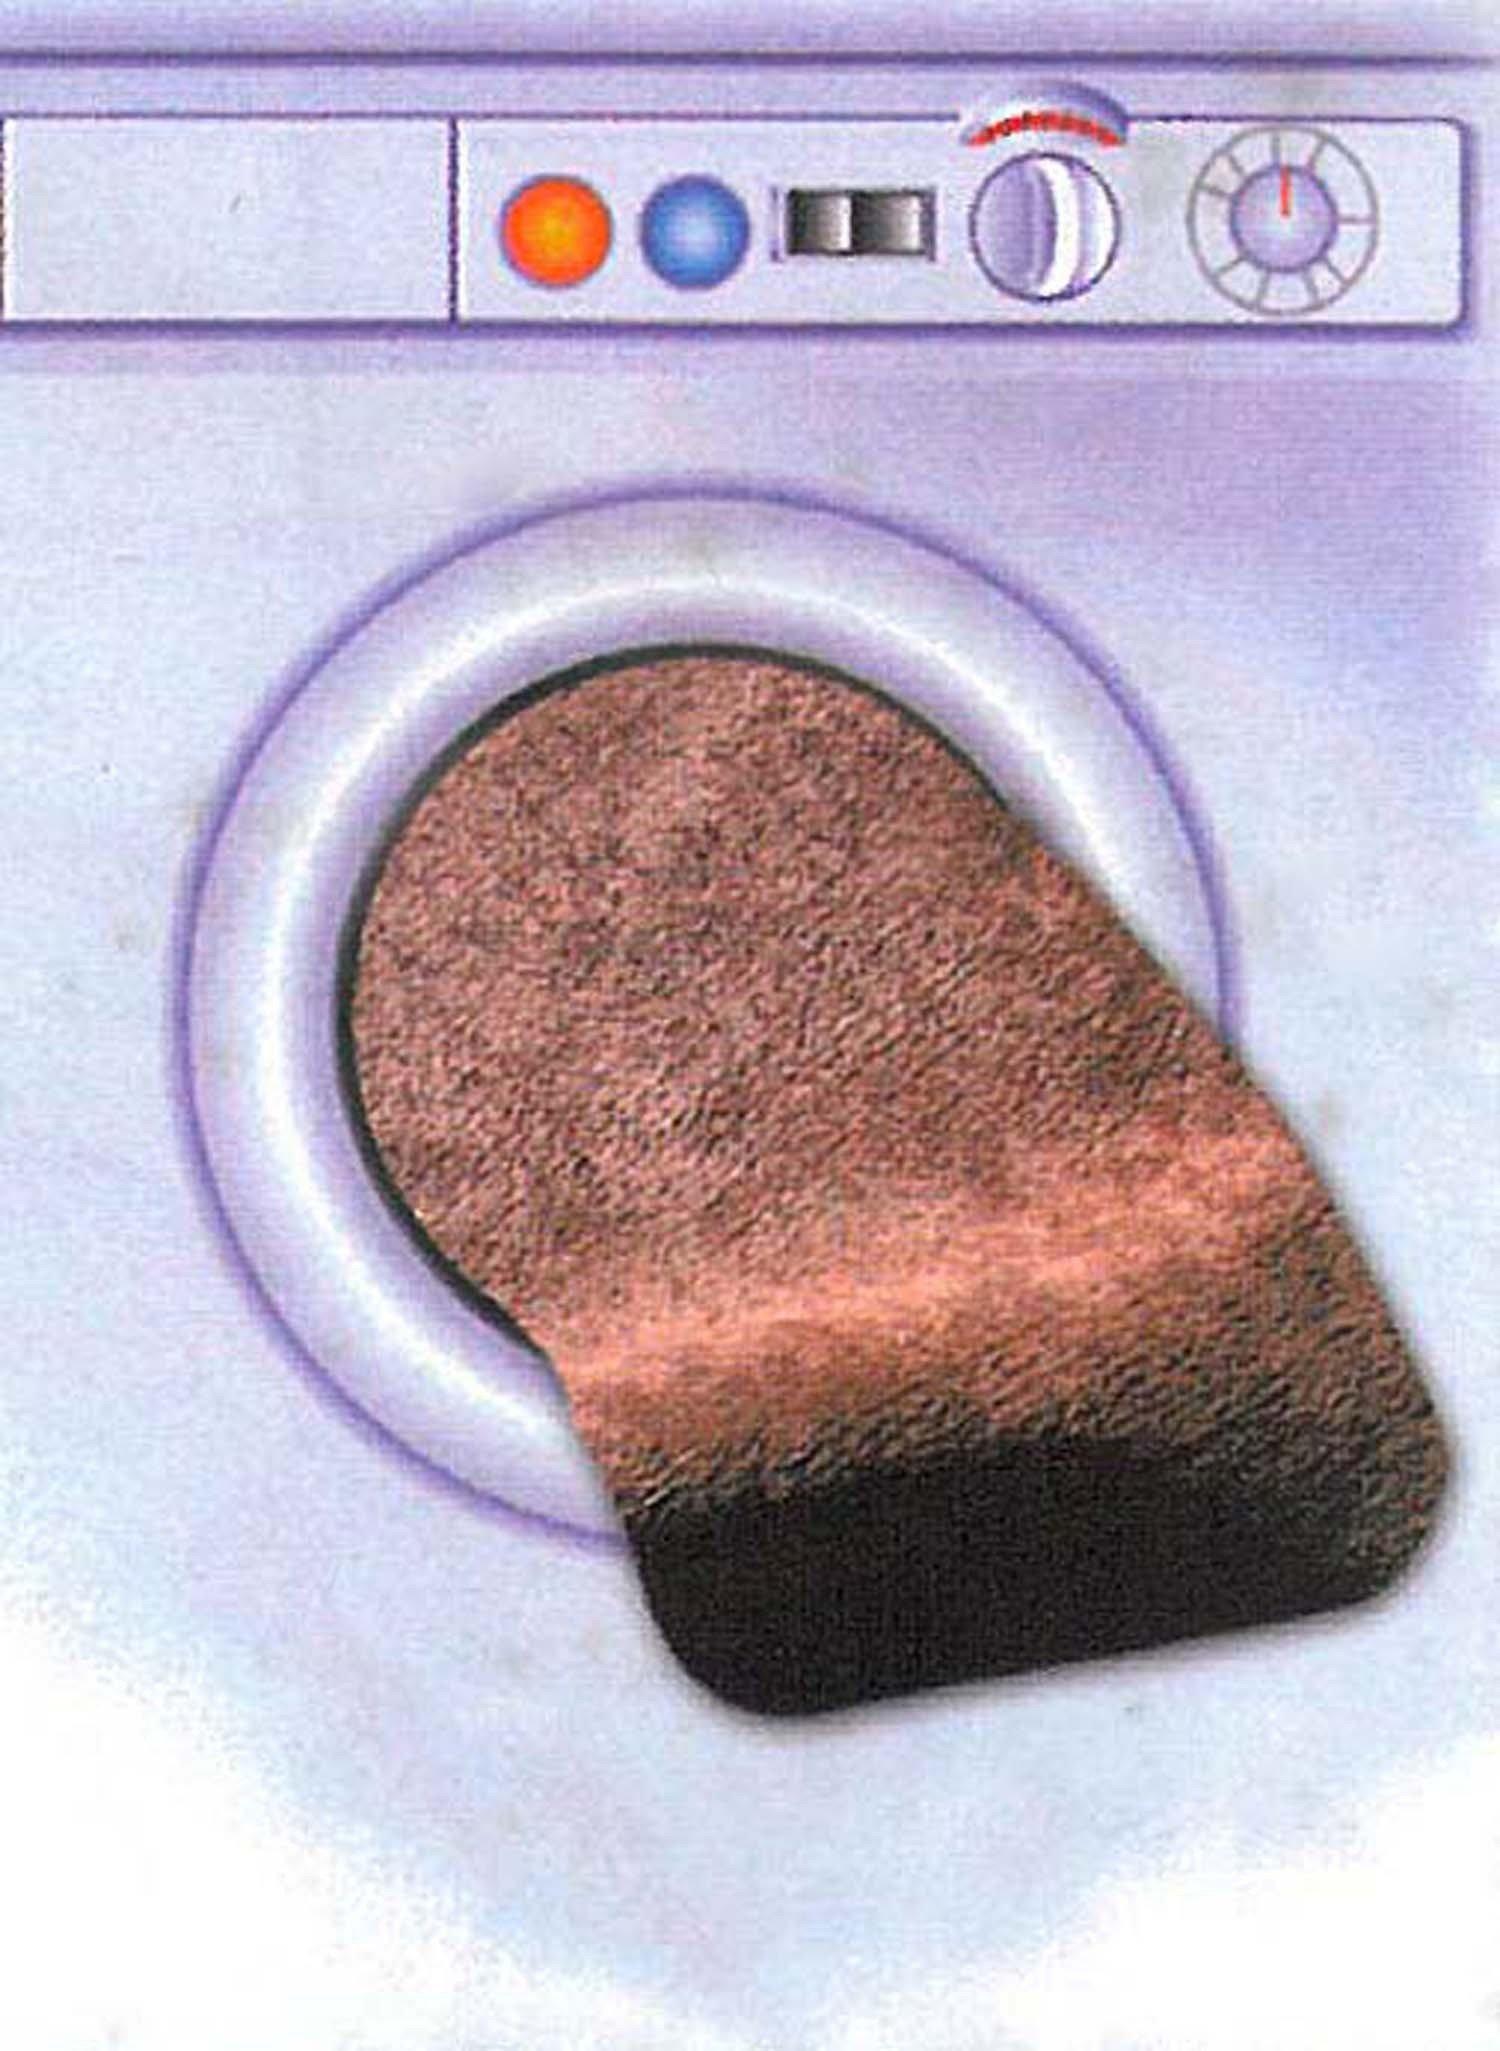 Waschbare Teppichvorl.braun - 3 - Ronja.ch